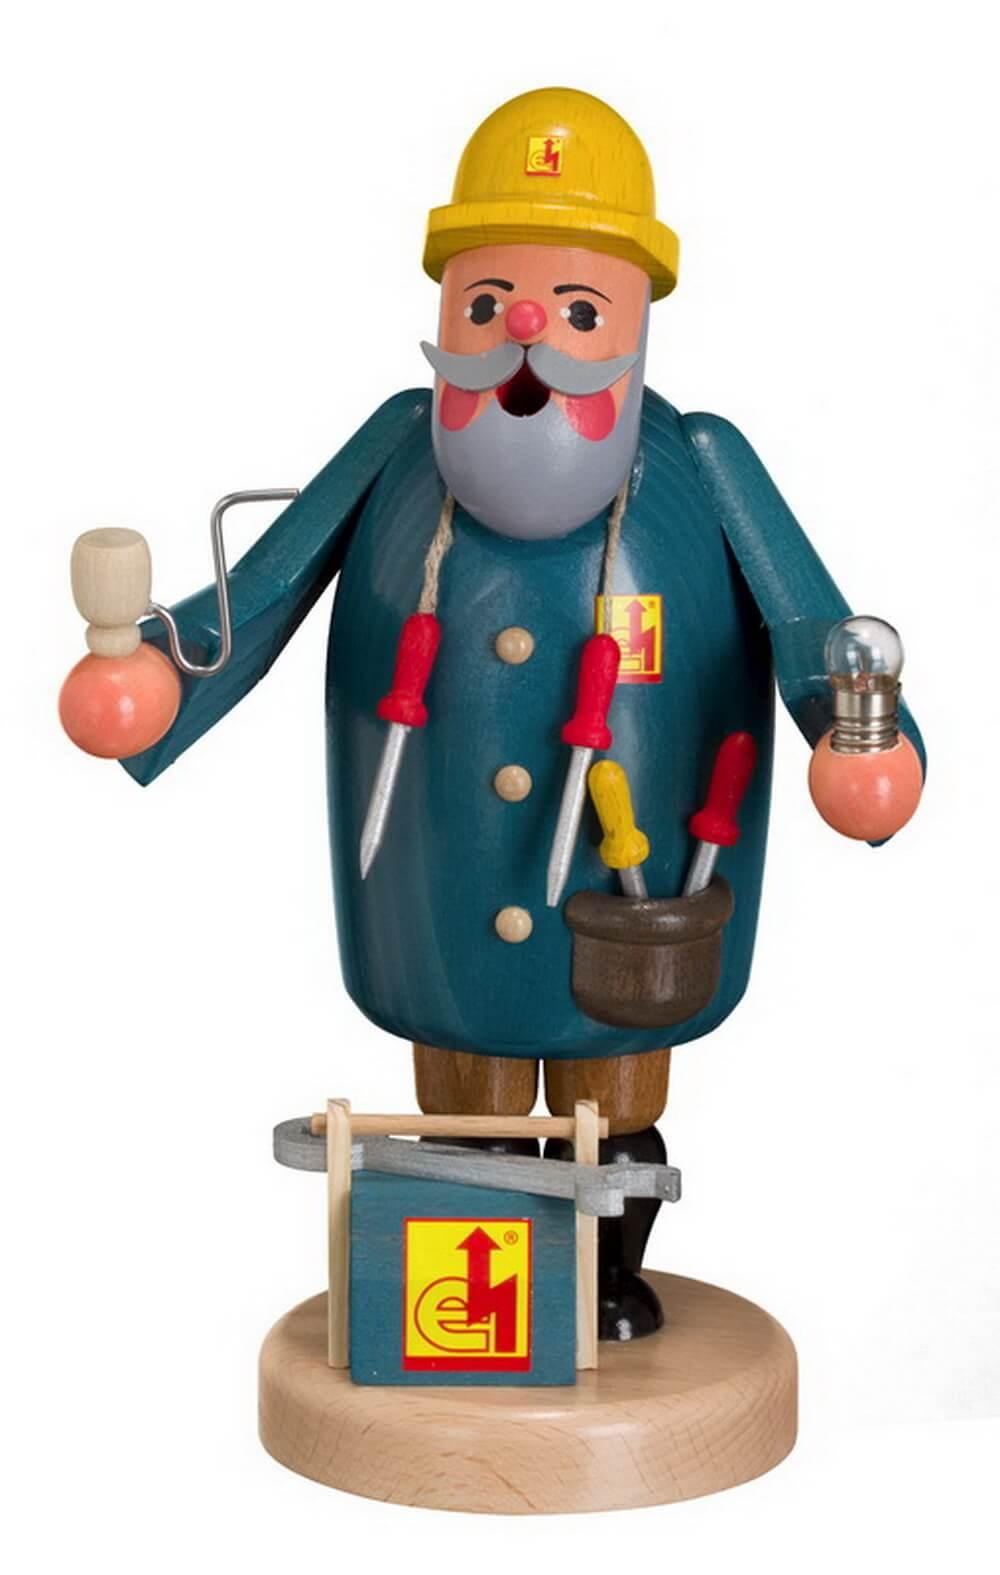 Räuchermännchen von Karl Werner mit dem Motiv Elektriker